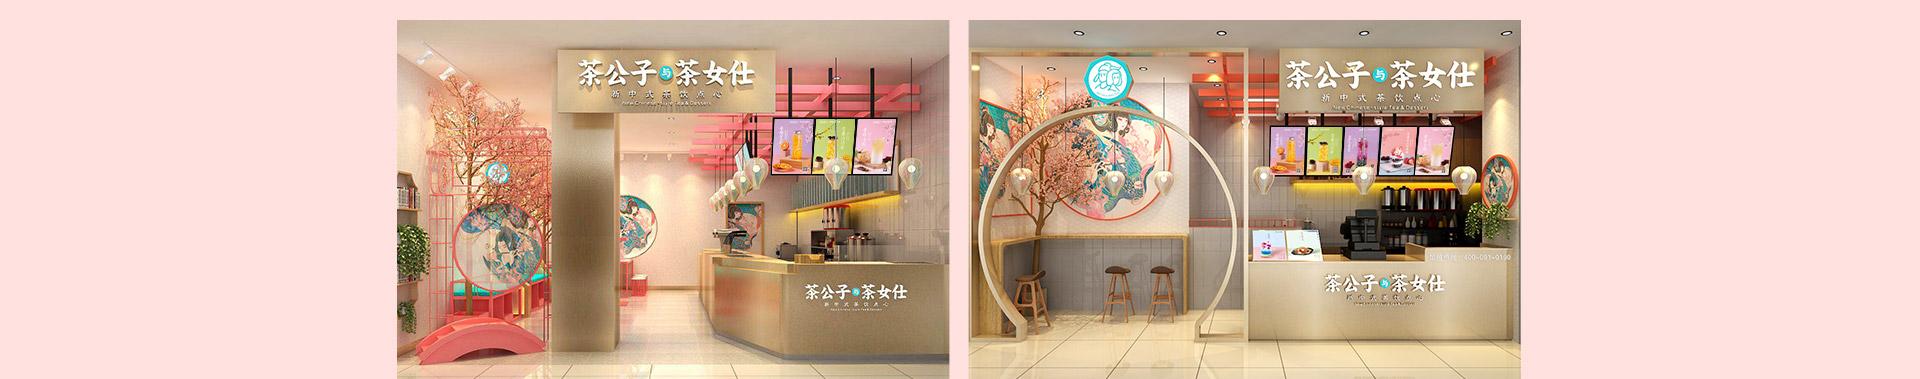 新中式奶茶加盟店设计效果